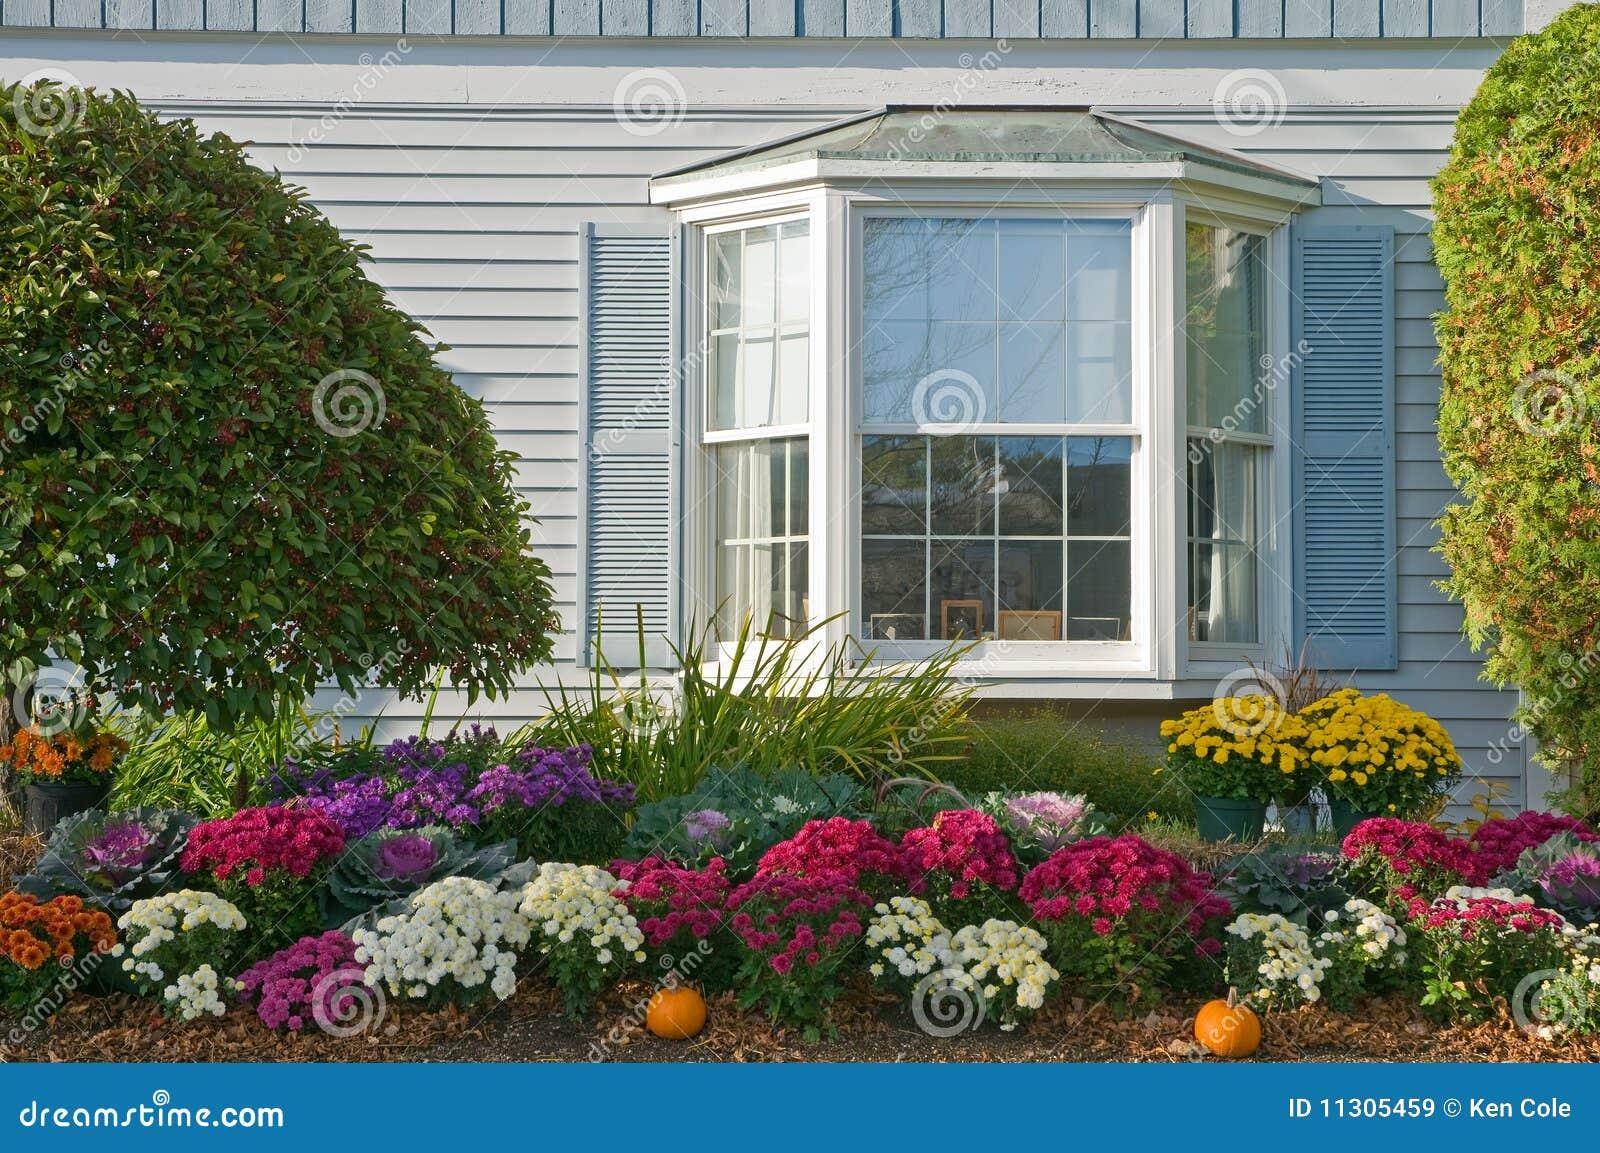 Autumn Mum Landscaping Stock Image Image Of Garden Bushes 11305459